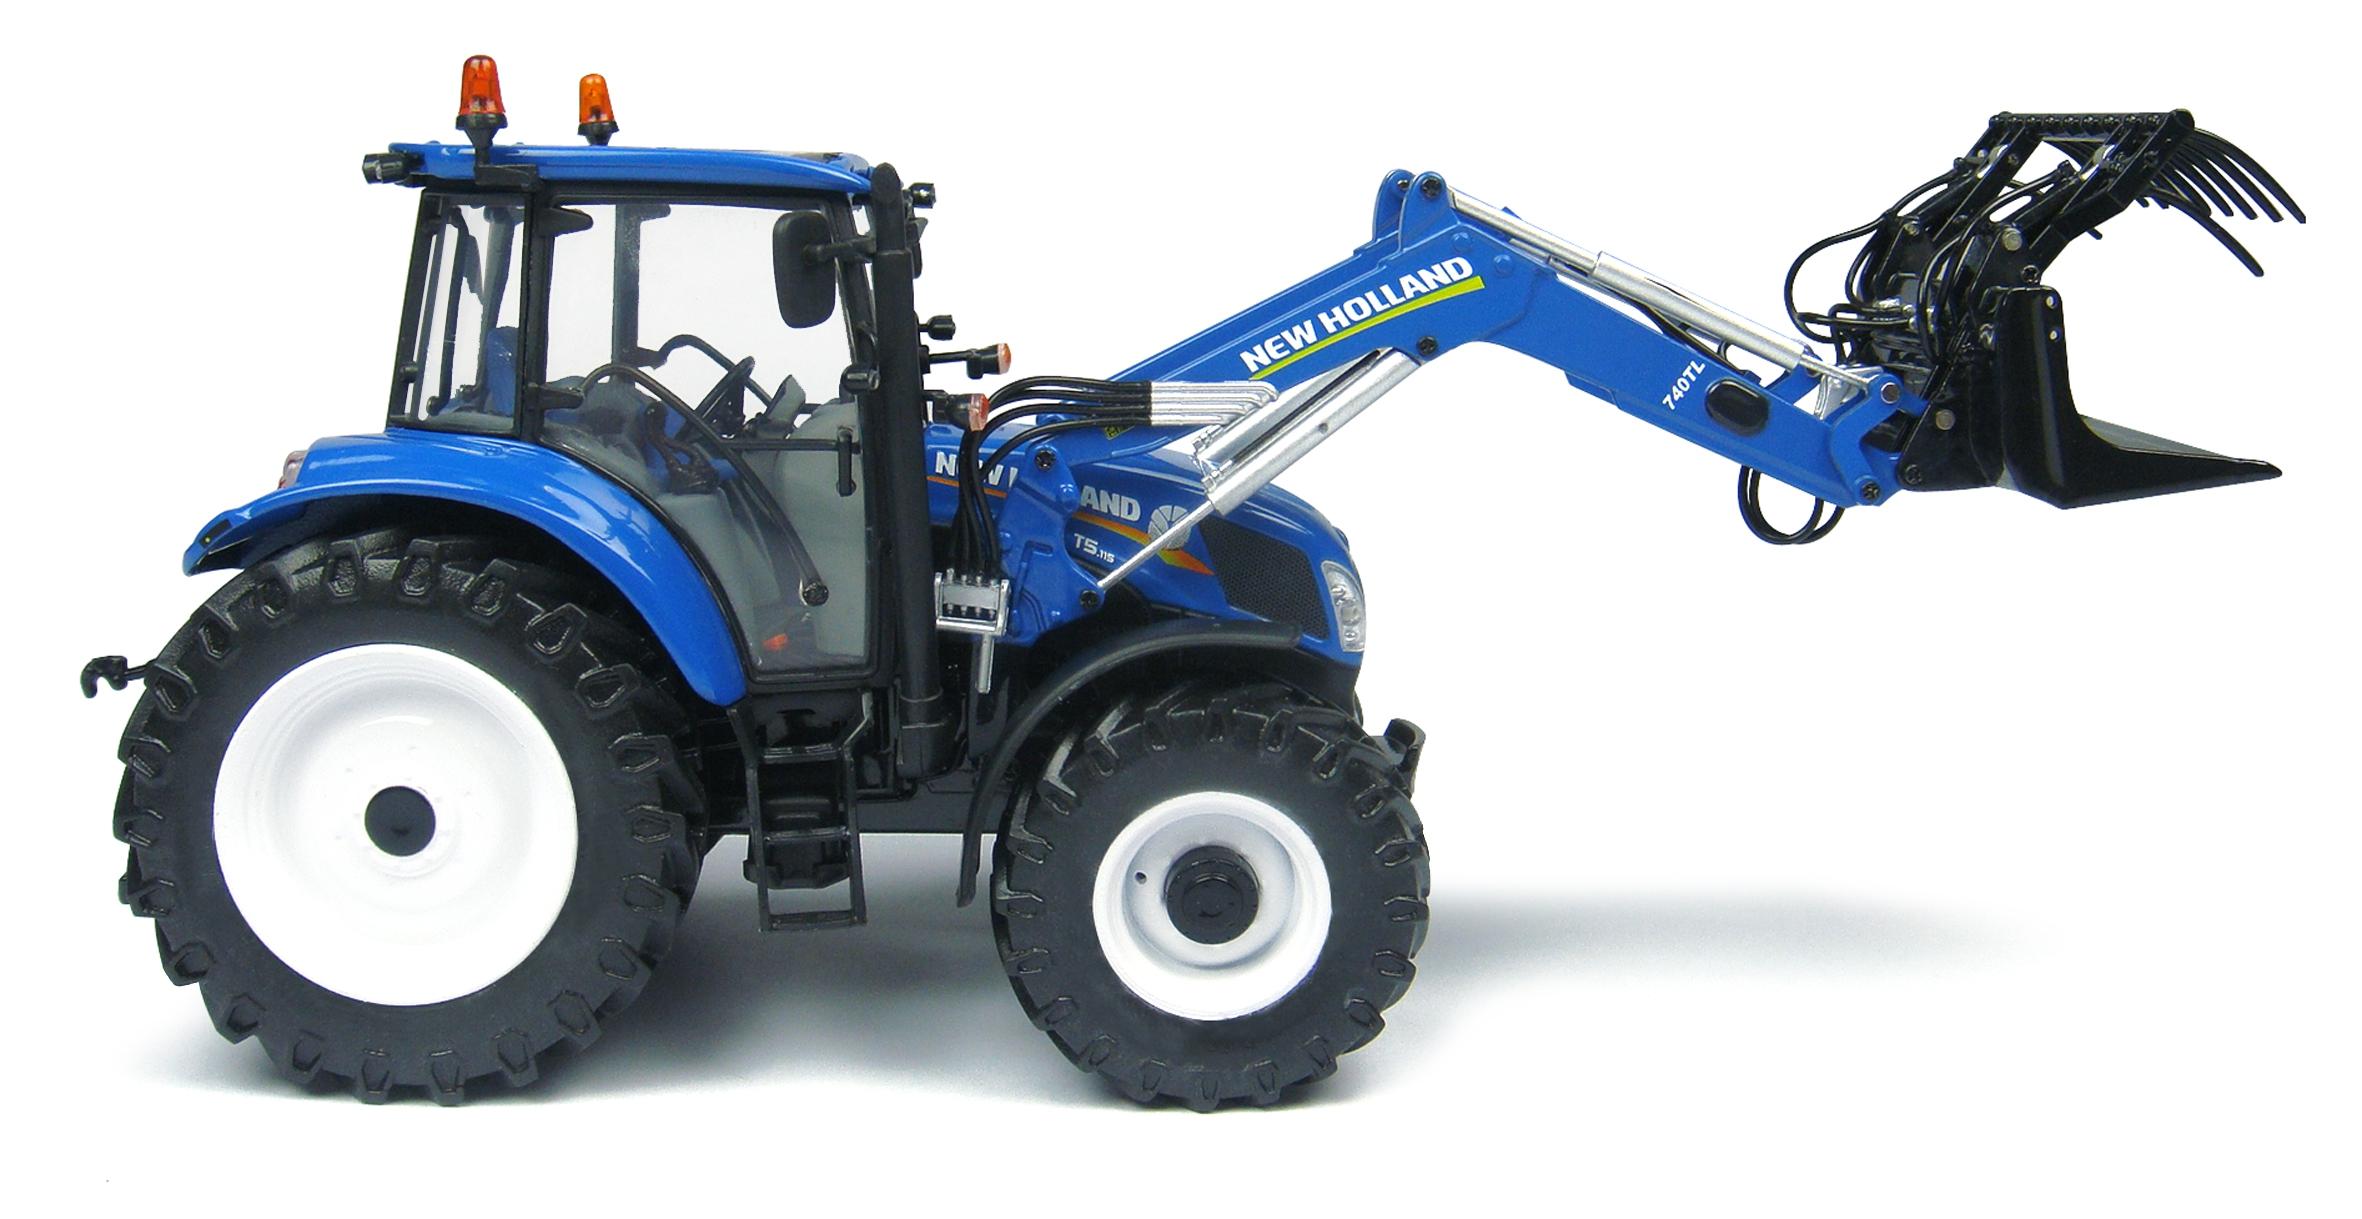 New holland avec fourche avant fabriqu par universal hobbies echelle 1 32 - Tracteur avec fourche ...